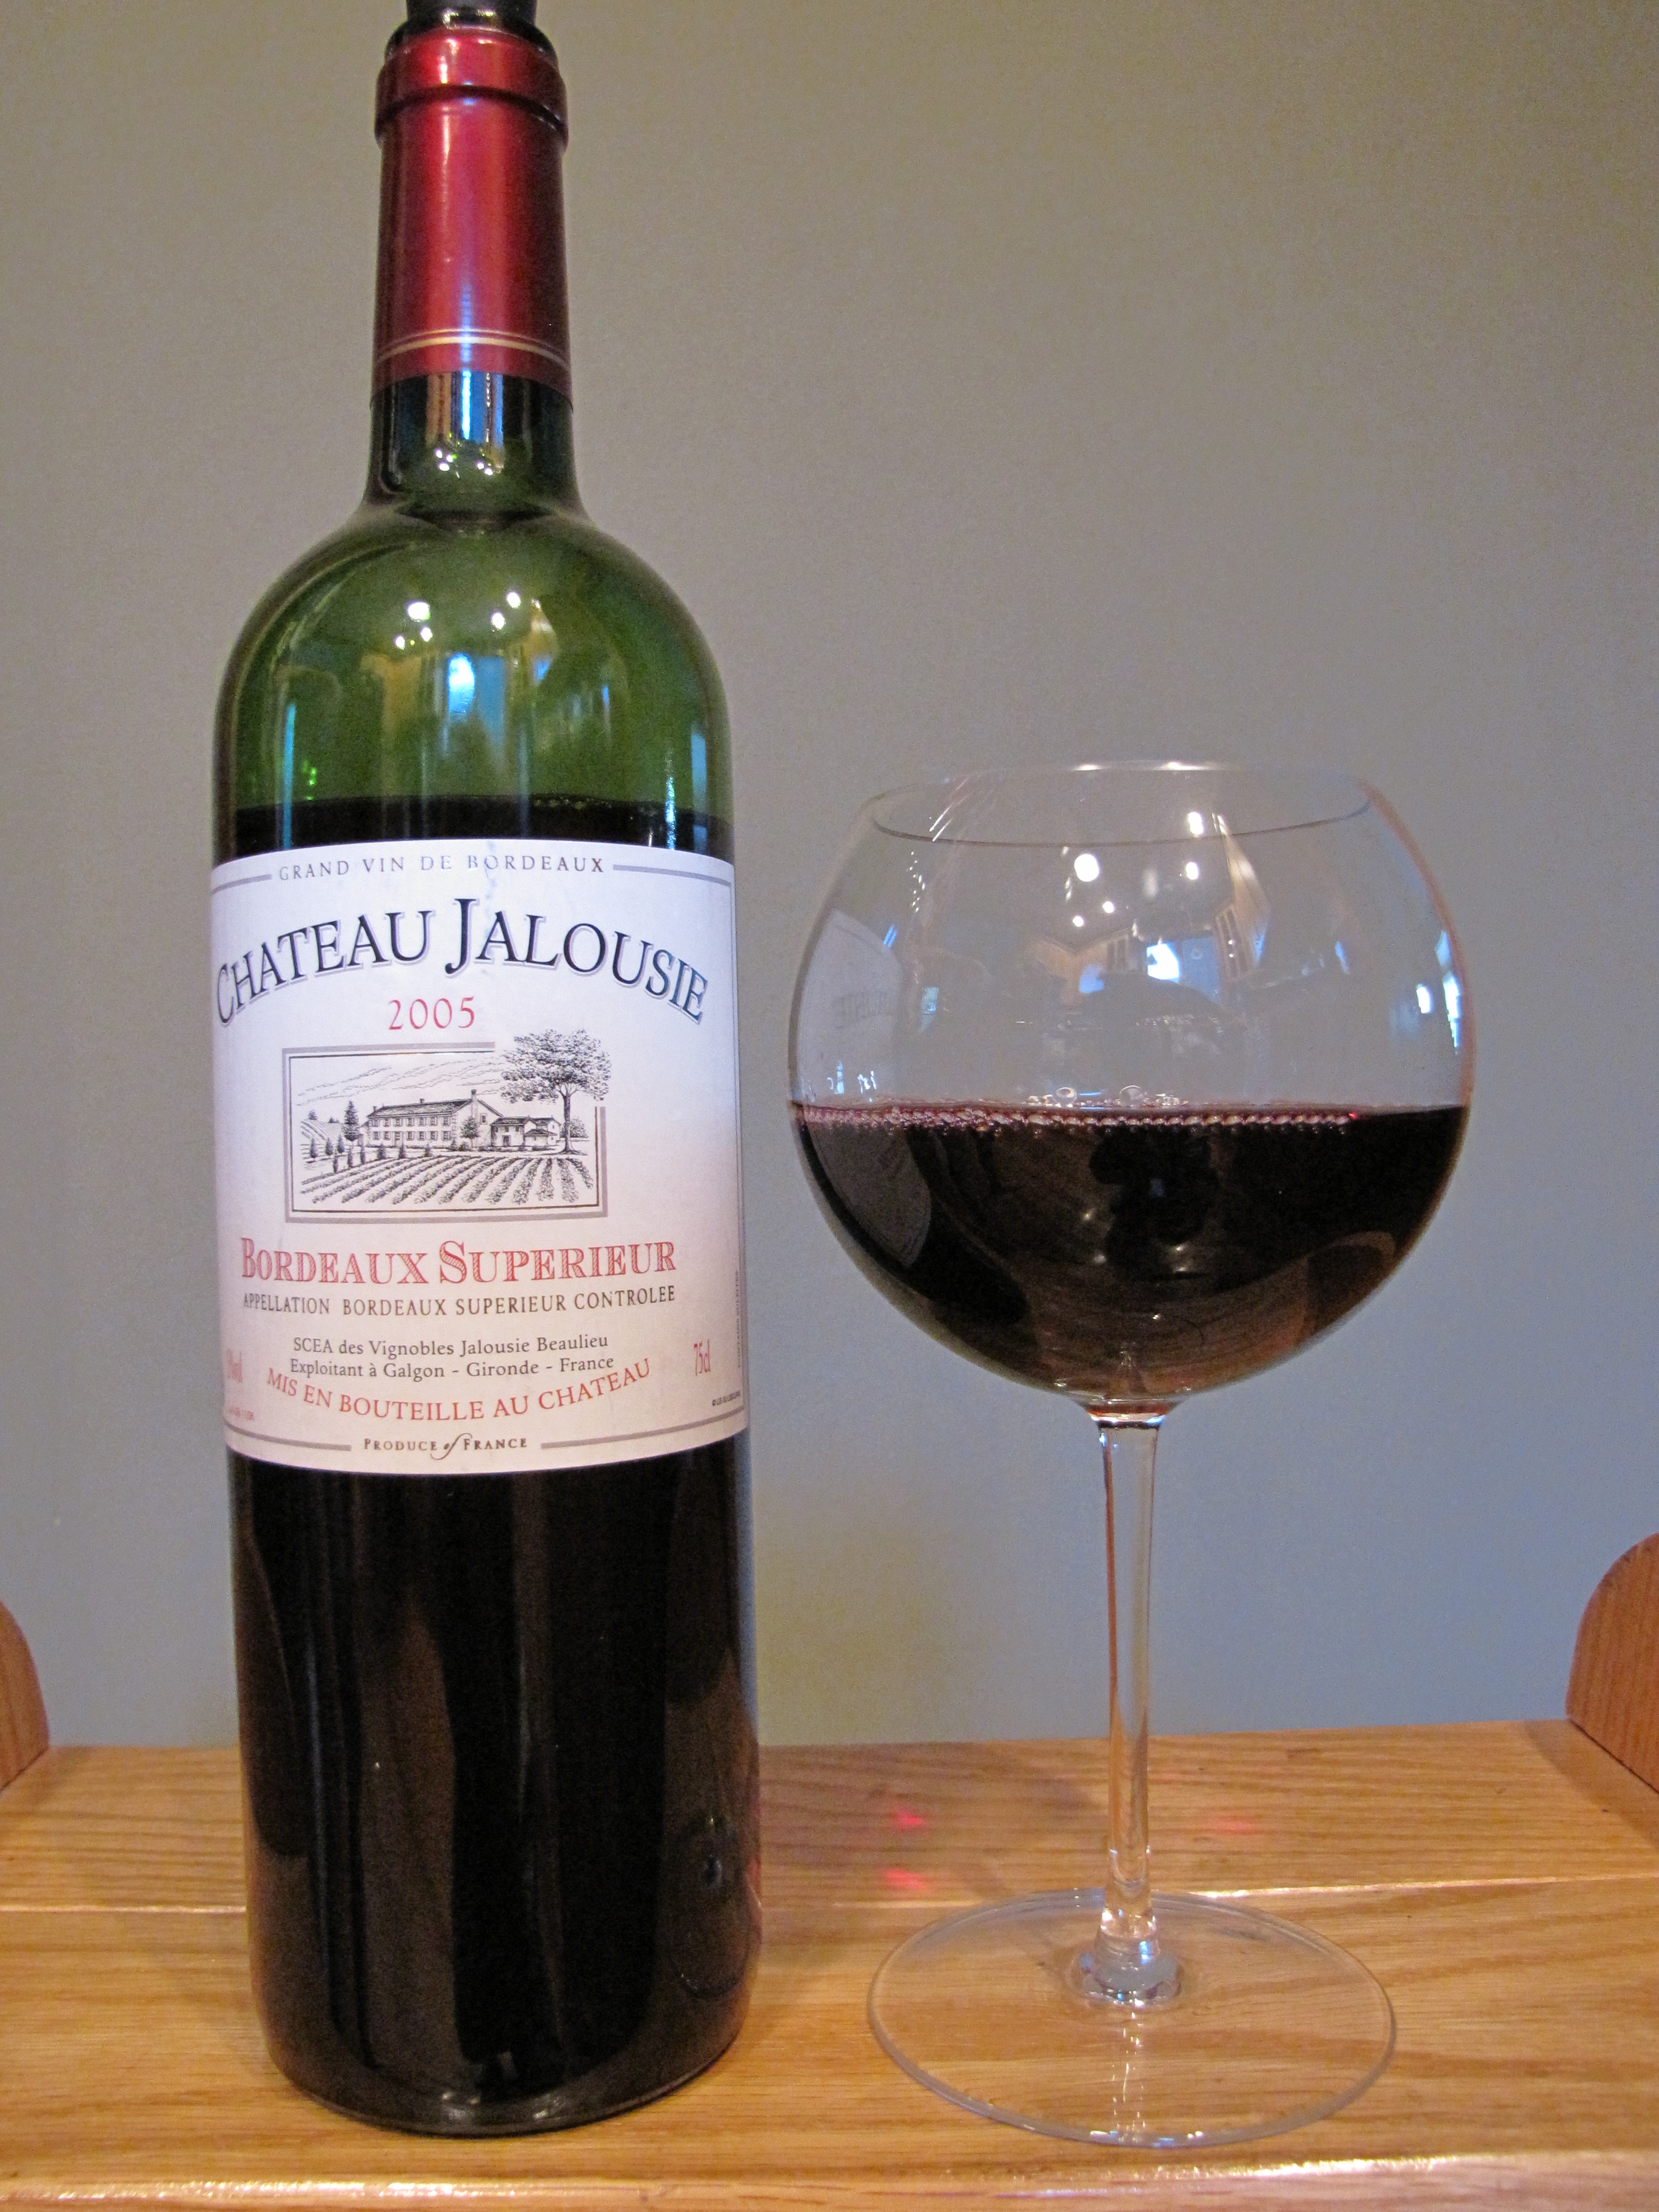 Château Jalousie Bordeaux Supérieur (2005)